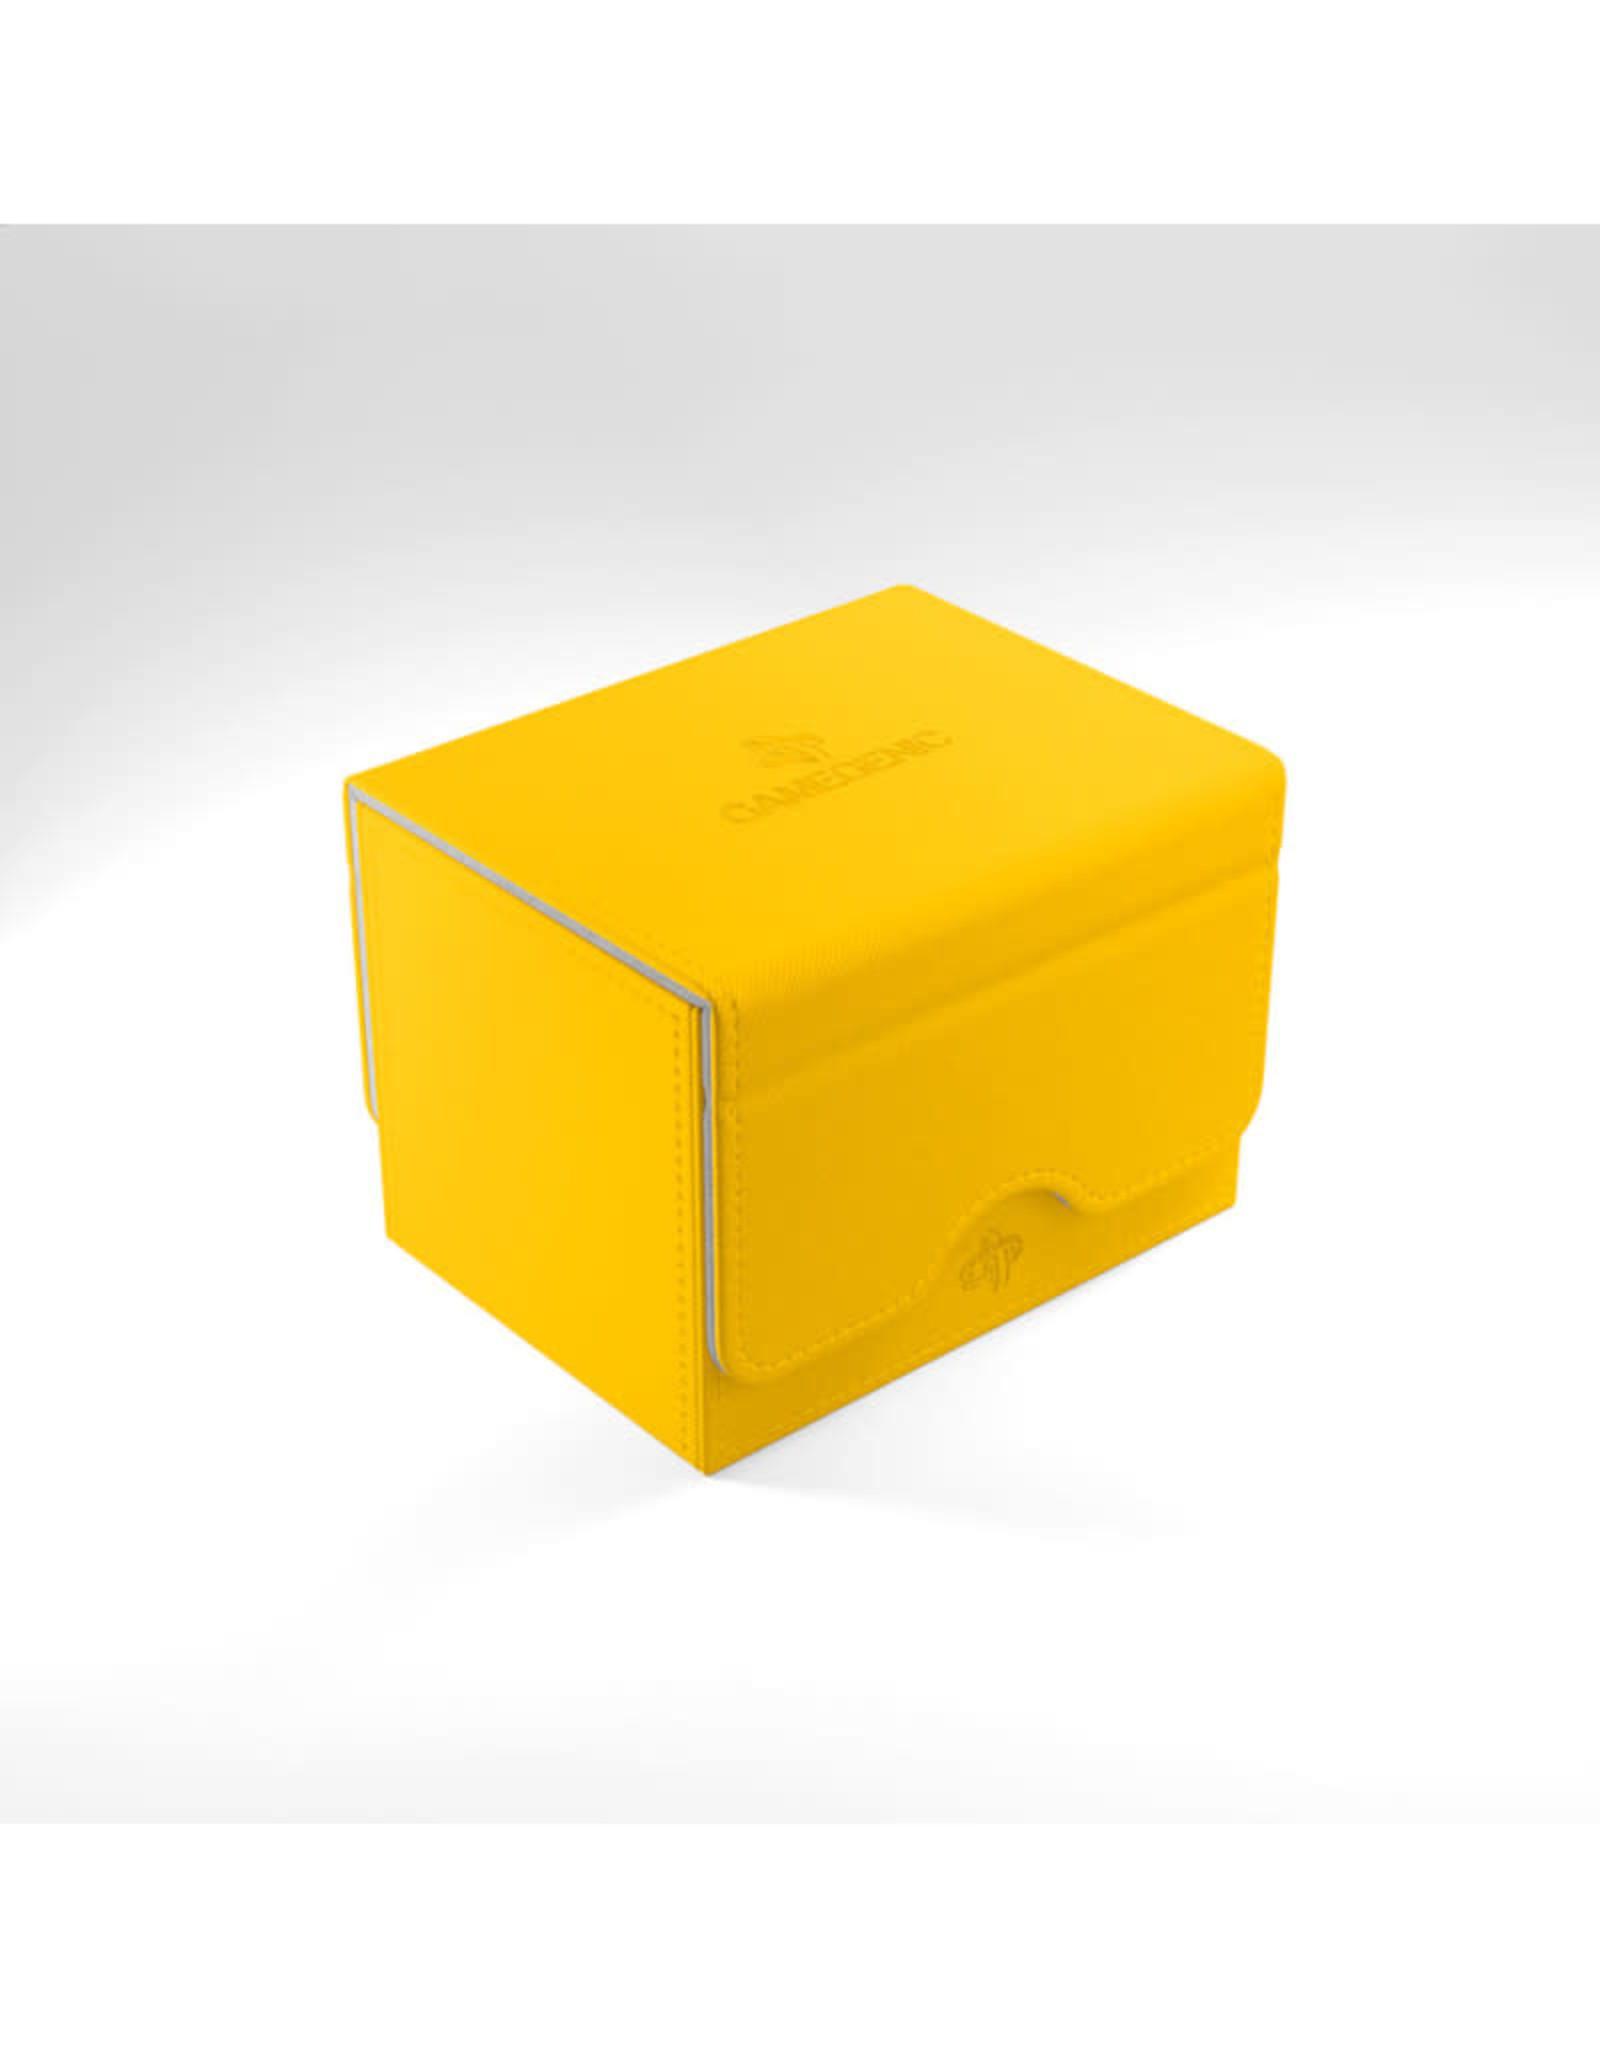 Deck Box: Sidekick 100+ Yellow